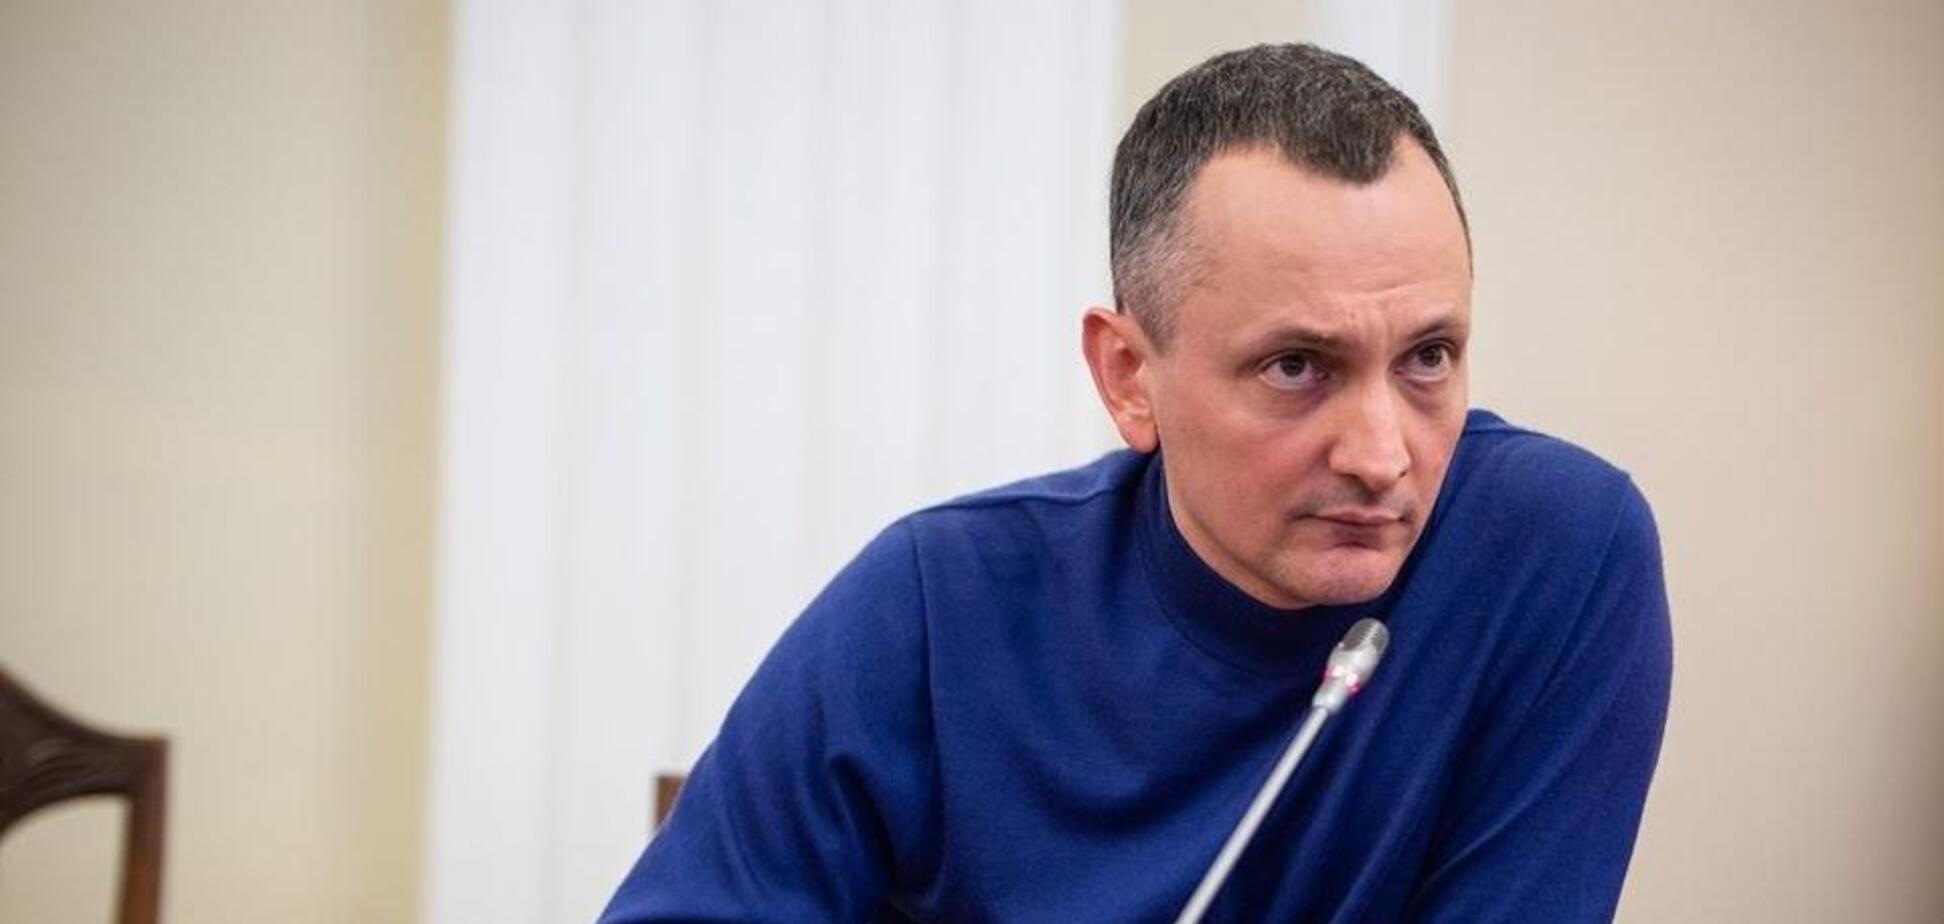 На митниці, незважаючи на опір і саботаж, запрацювали всі сканери, - радник прем'єра Юрій Голик